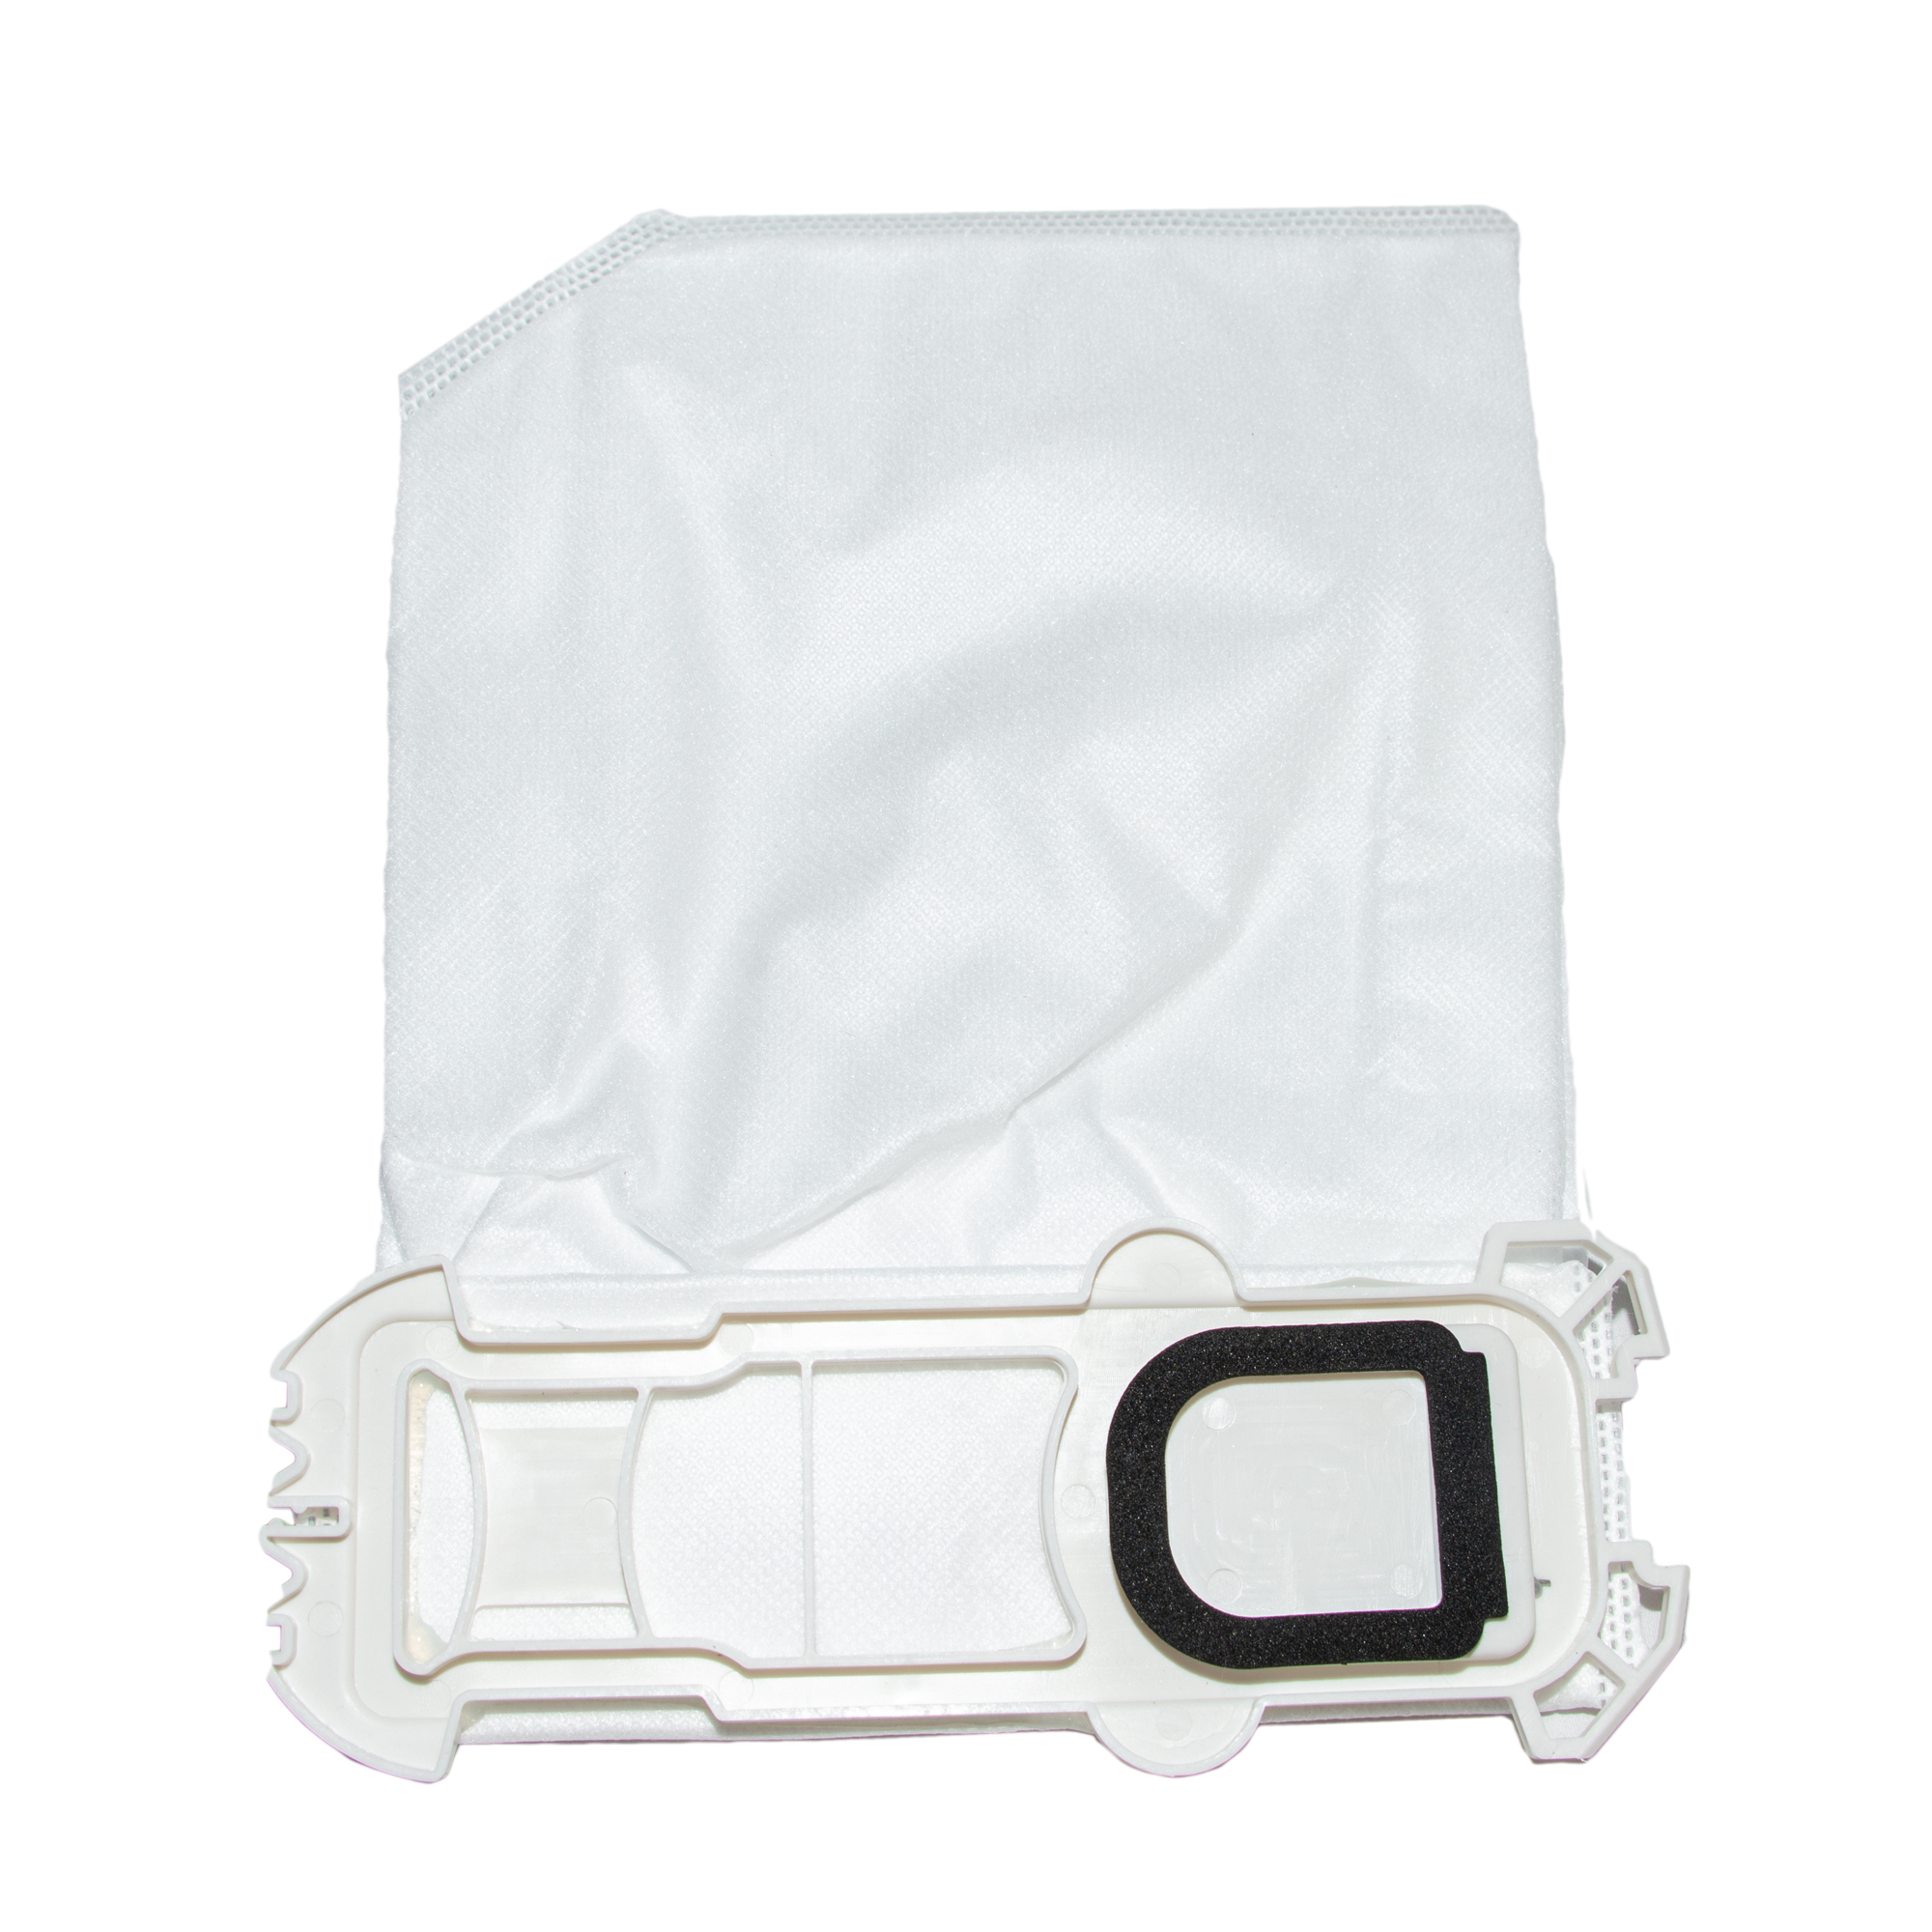 6 Staubsaugerbeutel passend für Vorwerk Kobold VK 136 Filtertüten Staubbeutel